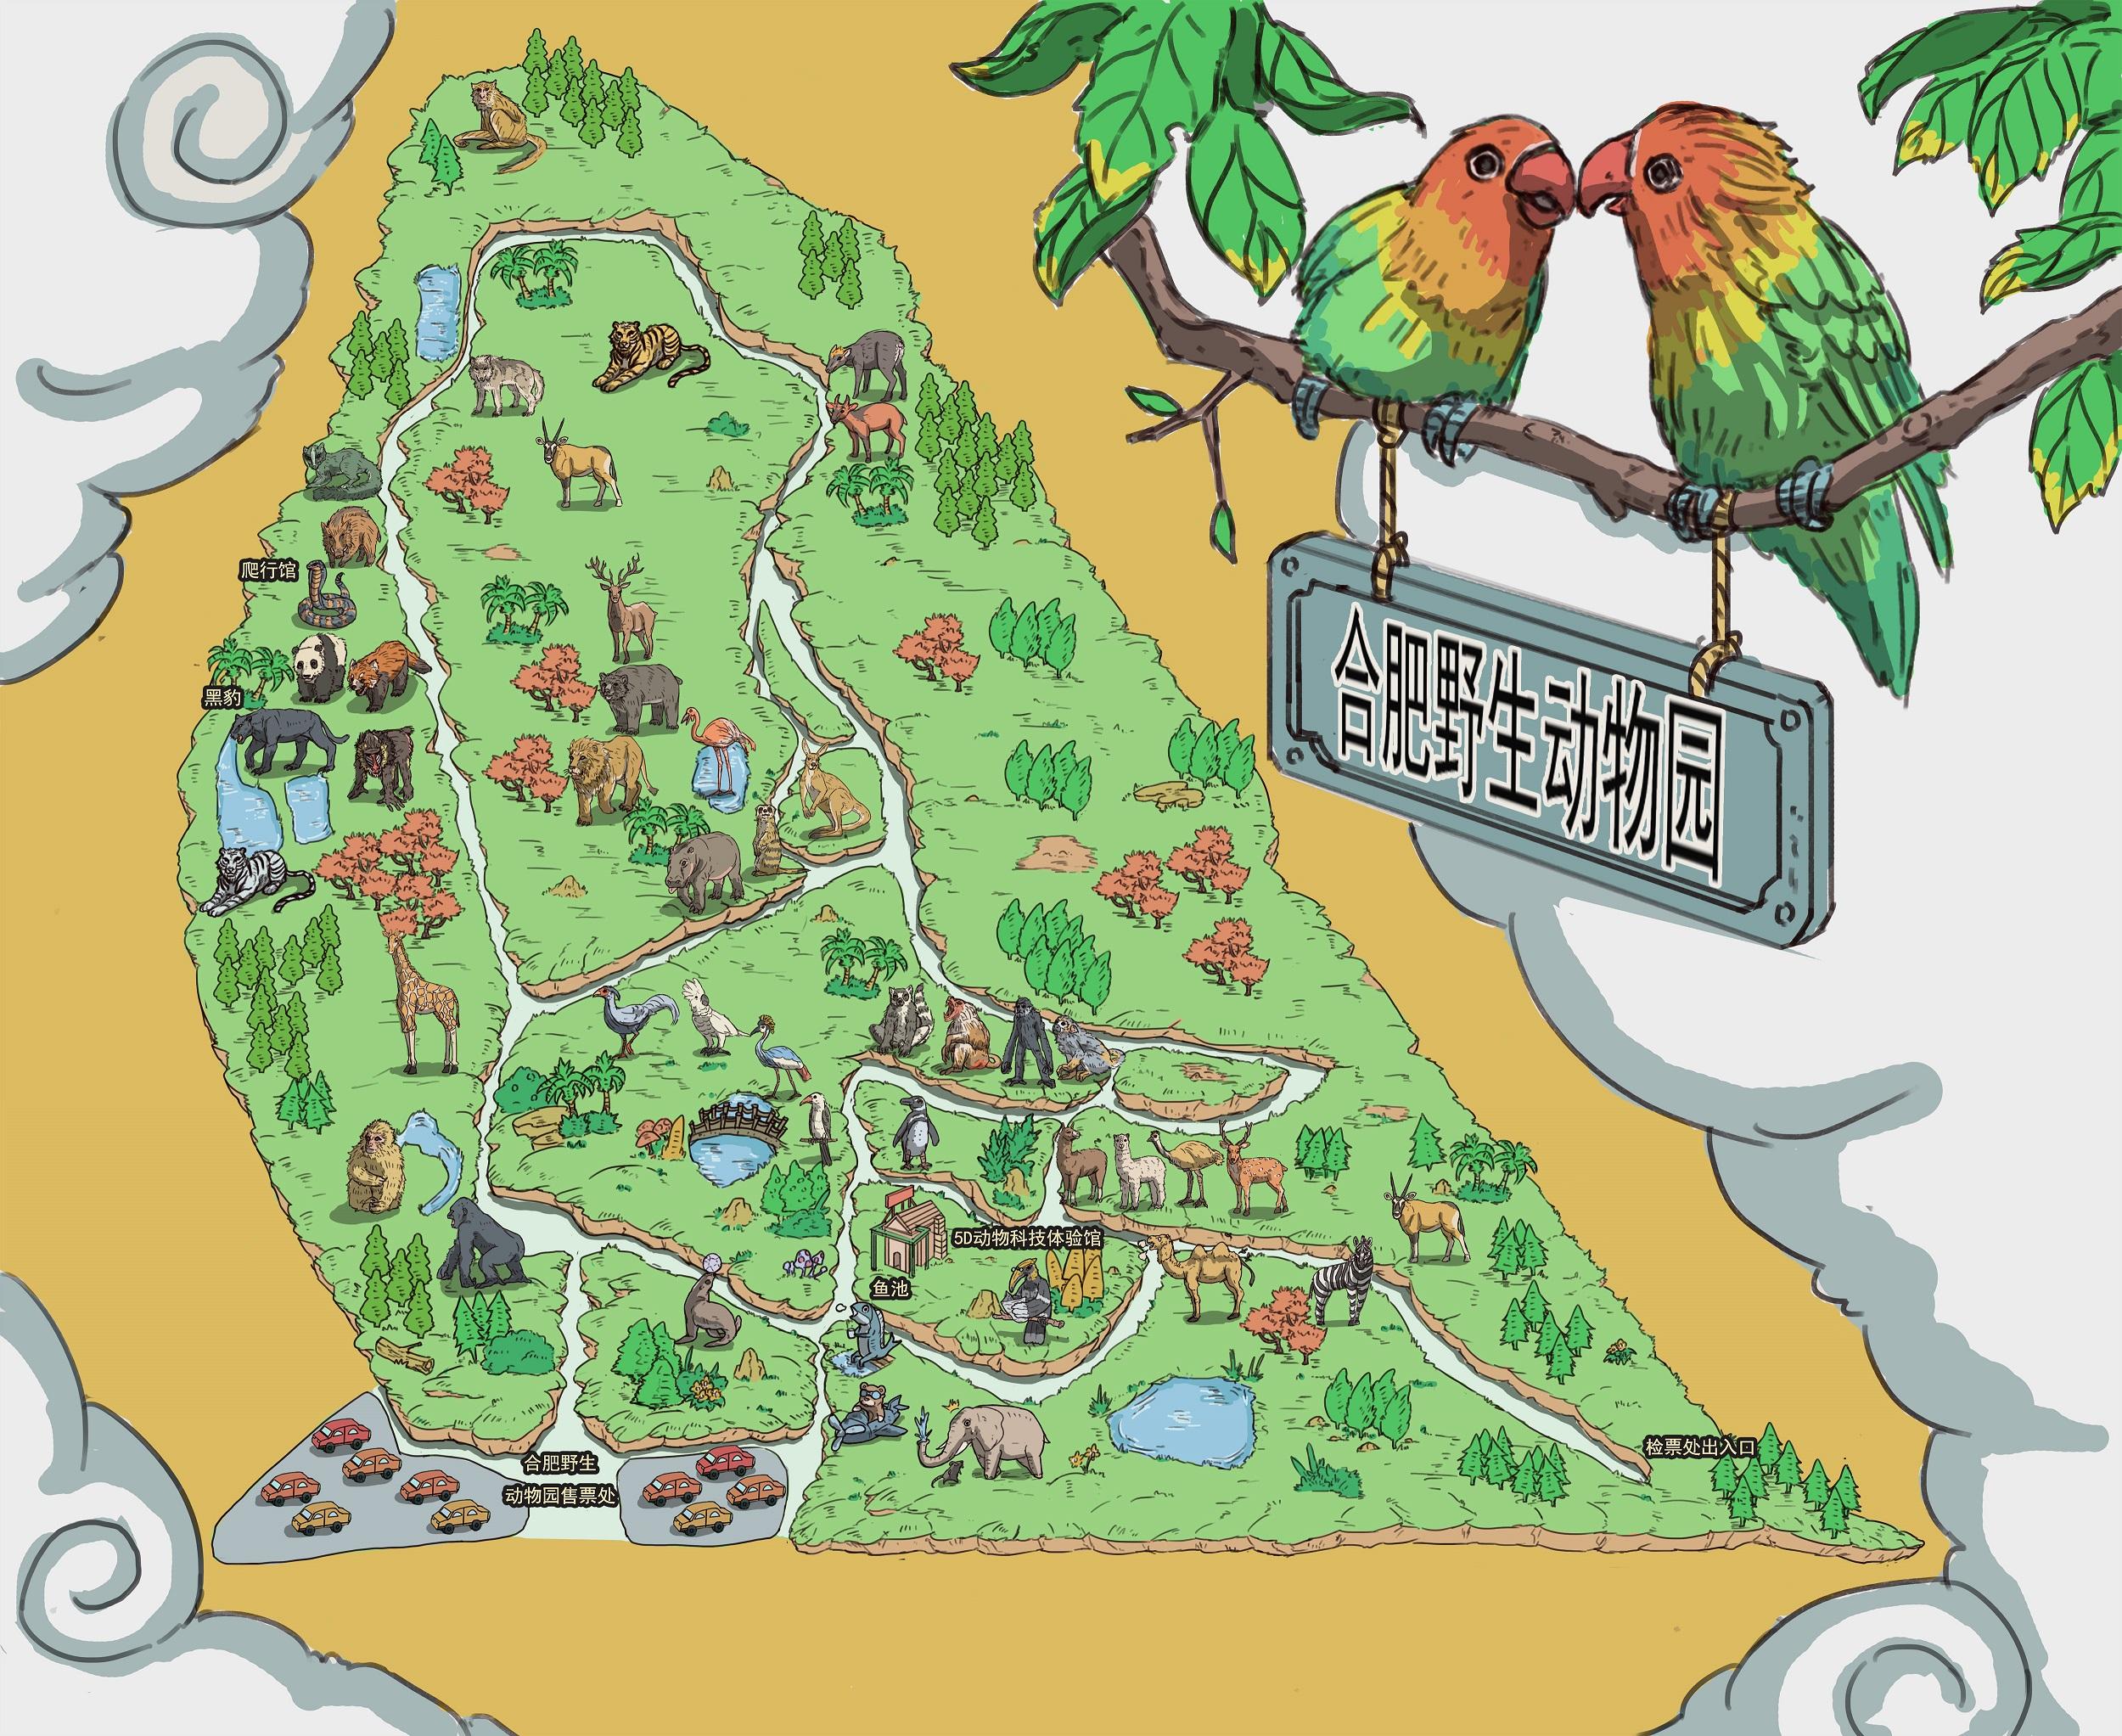 合肥野生动物园手机导游【全景地图,园内导航,线路推荐,自动讲解】